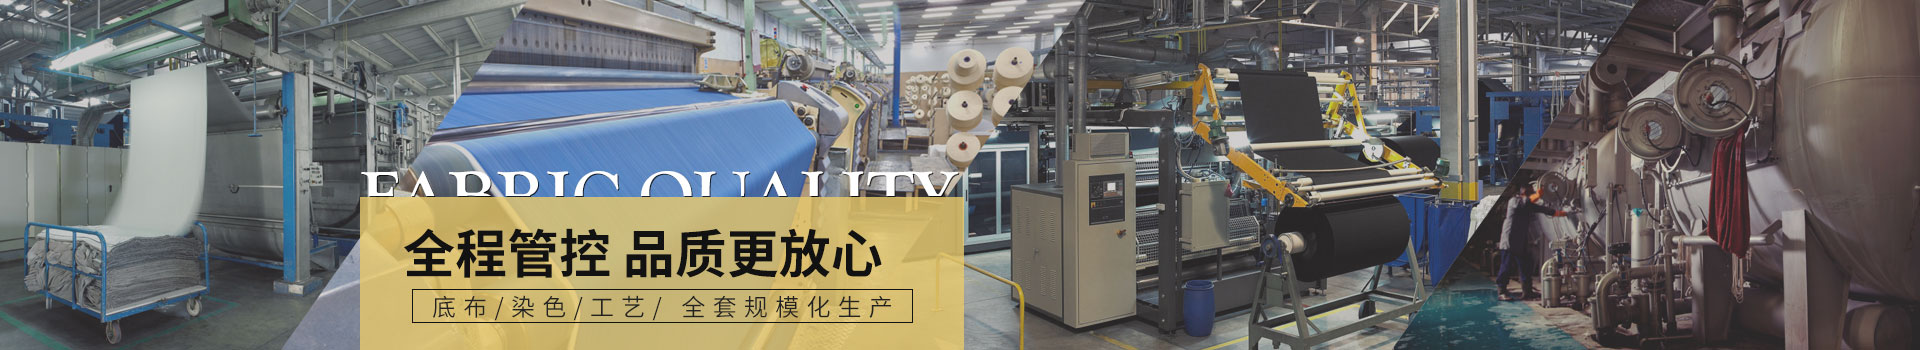 羽鸣纺织生产中心